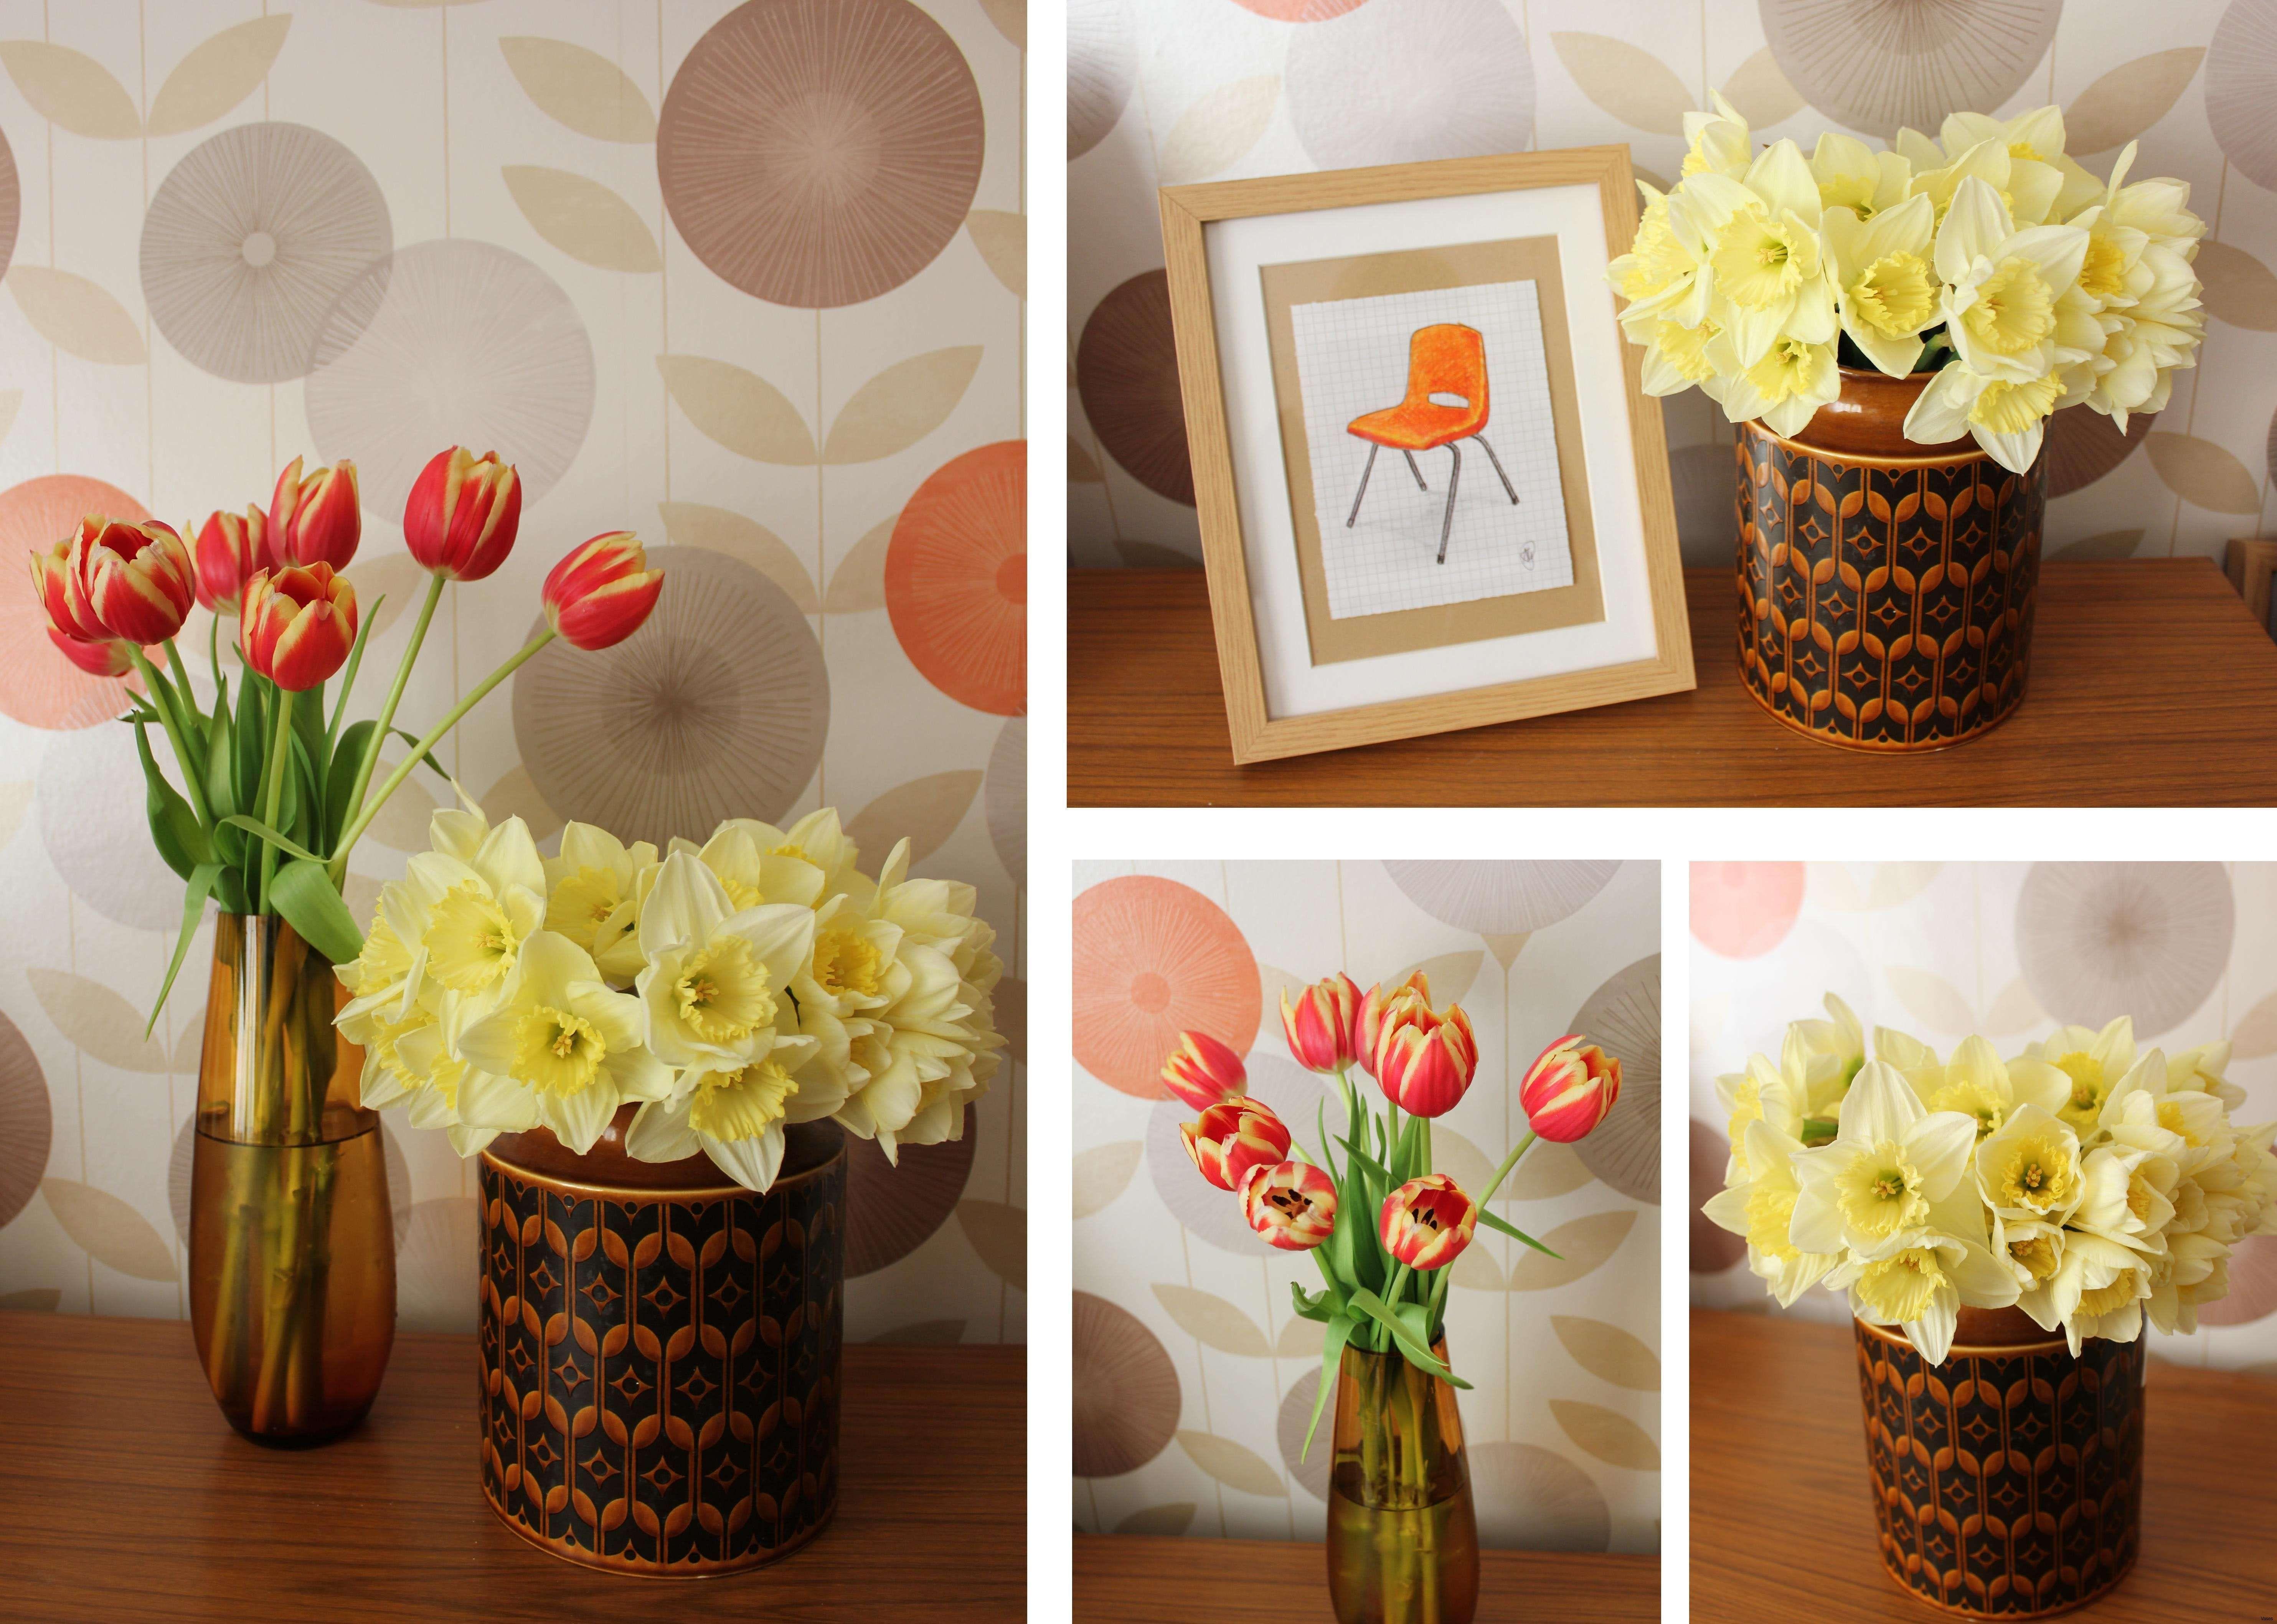 buy cheap cylinder vases in bulk of 6 cylinder vase awesome diy home decor vaseh vases decorative flower inside 6 cylinder vase awesome diy home decor vaseh vases decorative flower ideas i 0d design